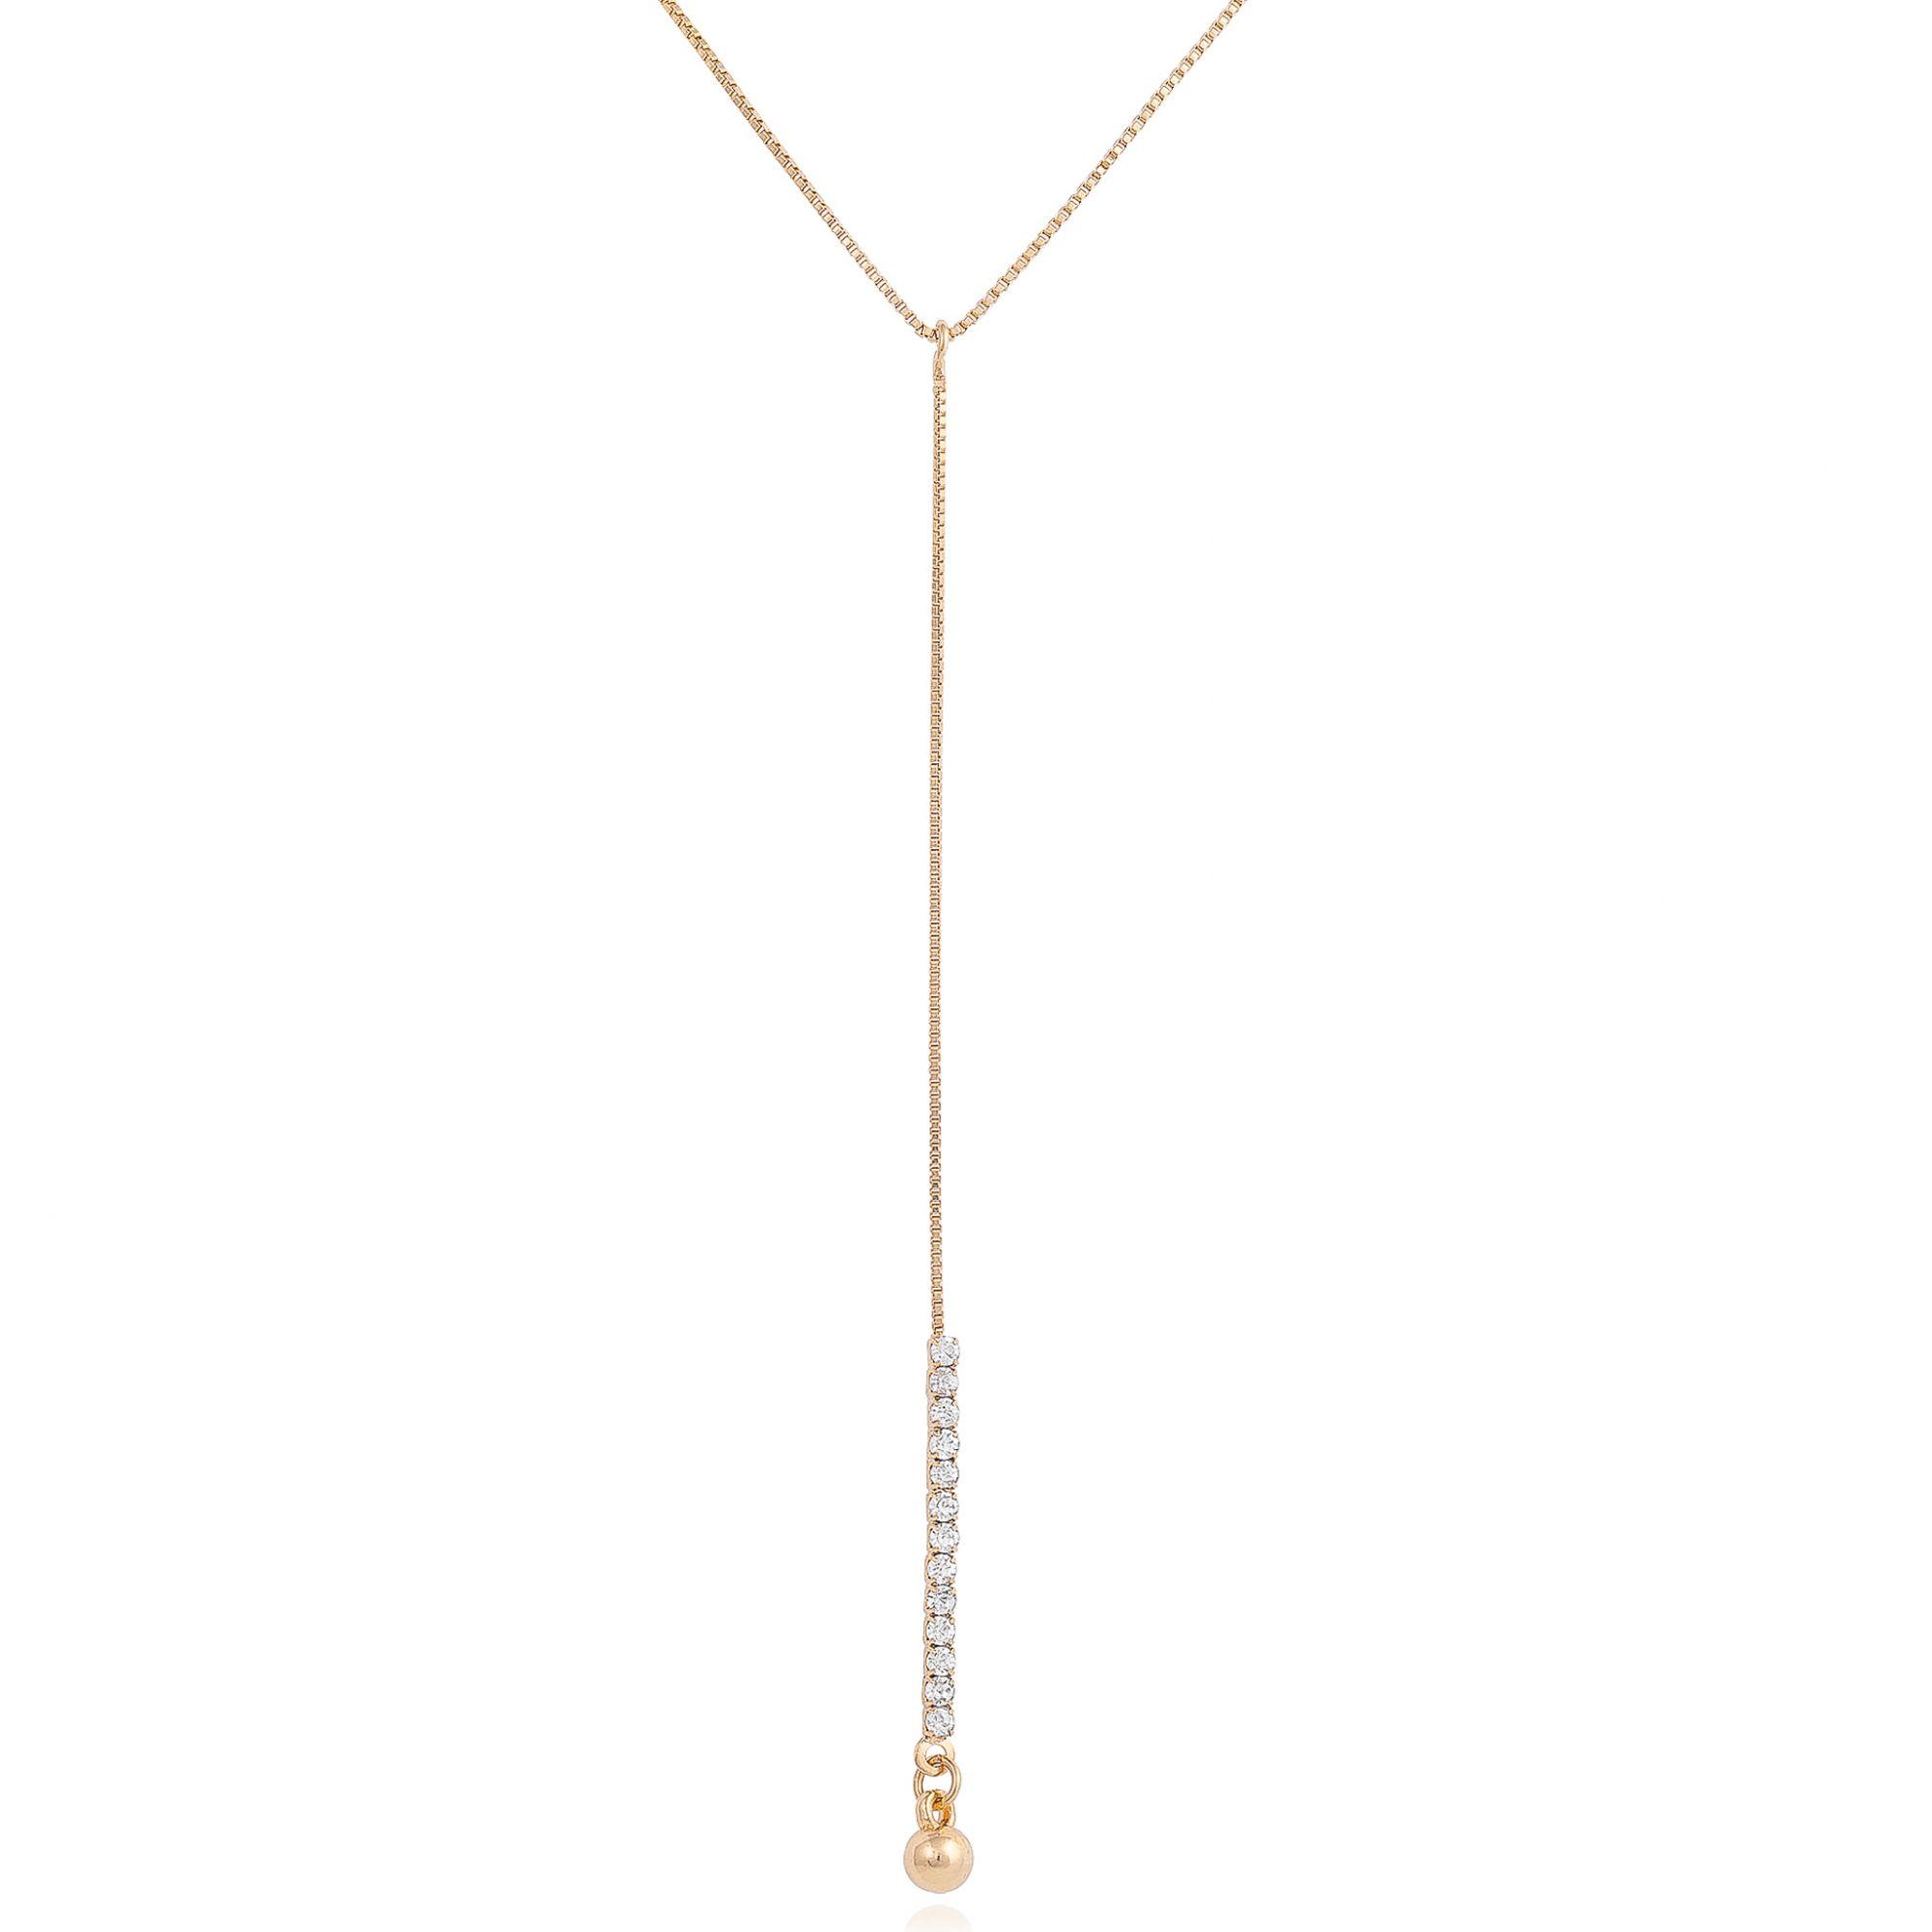 Colar com pendente gravata banhado a ouro 18k.  - romabrazil.com.br